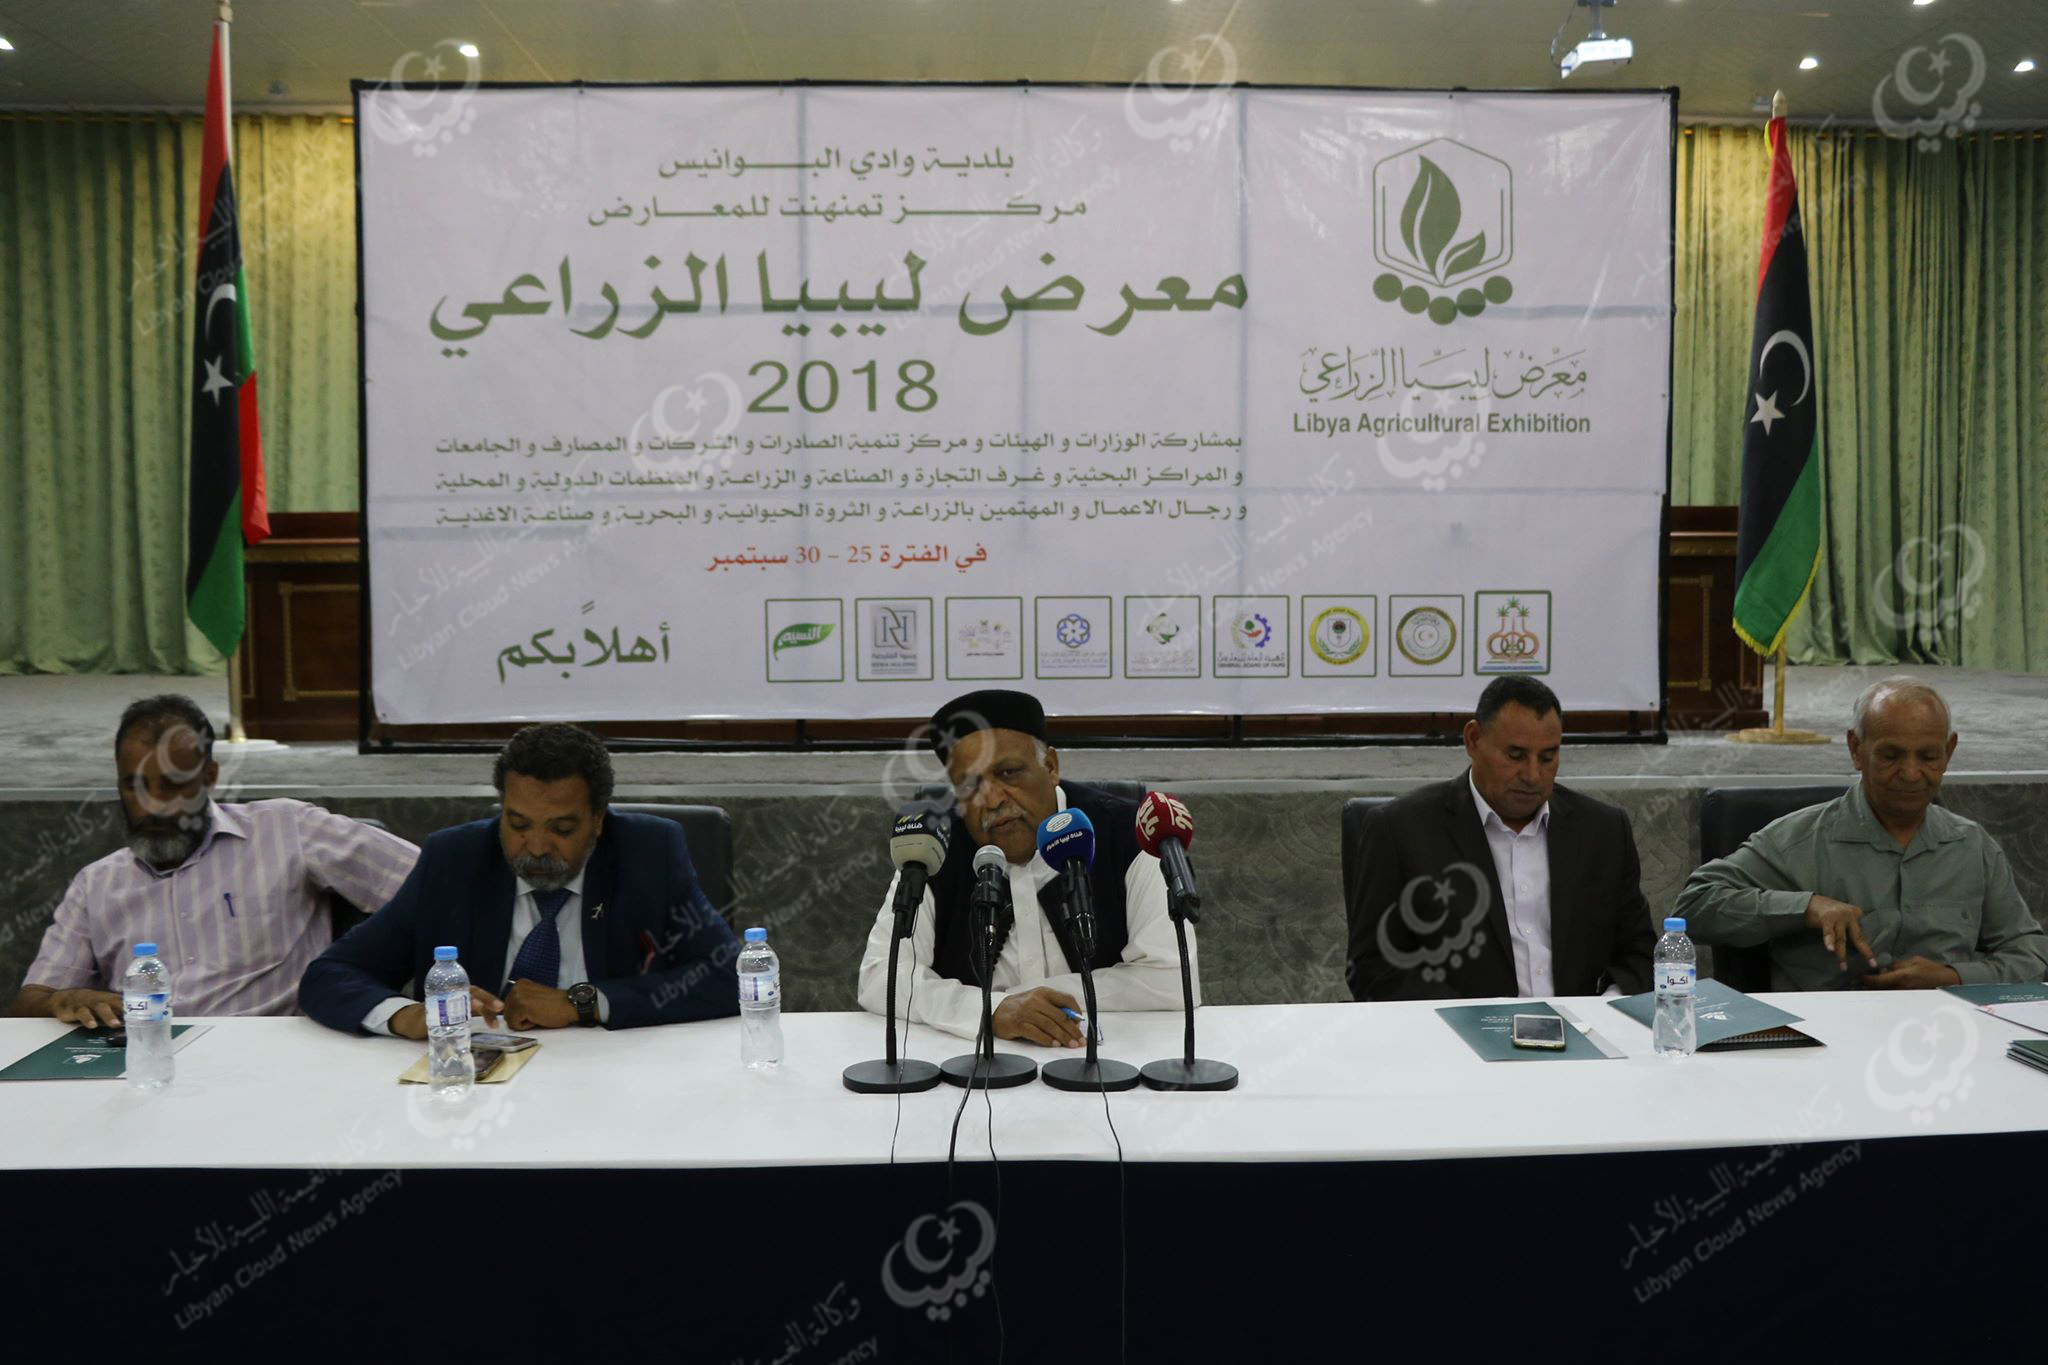 Photo of مؤتمر صحفي للجنة التحضيرية لمعرض ليبيا الزراعي بوادي البوانيس